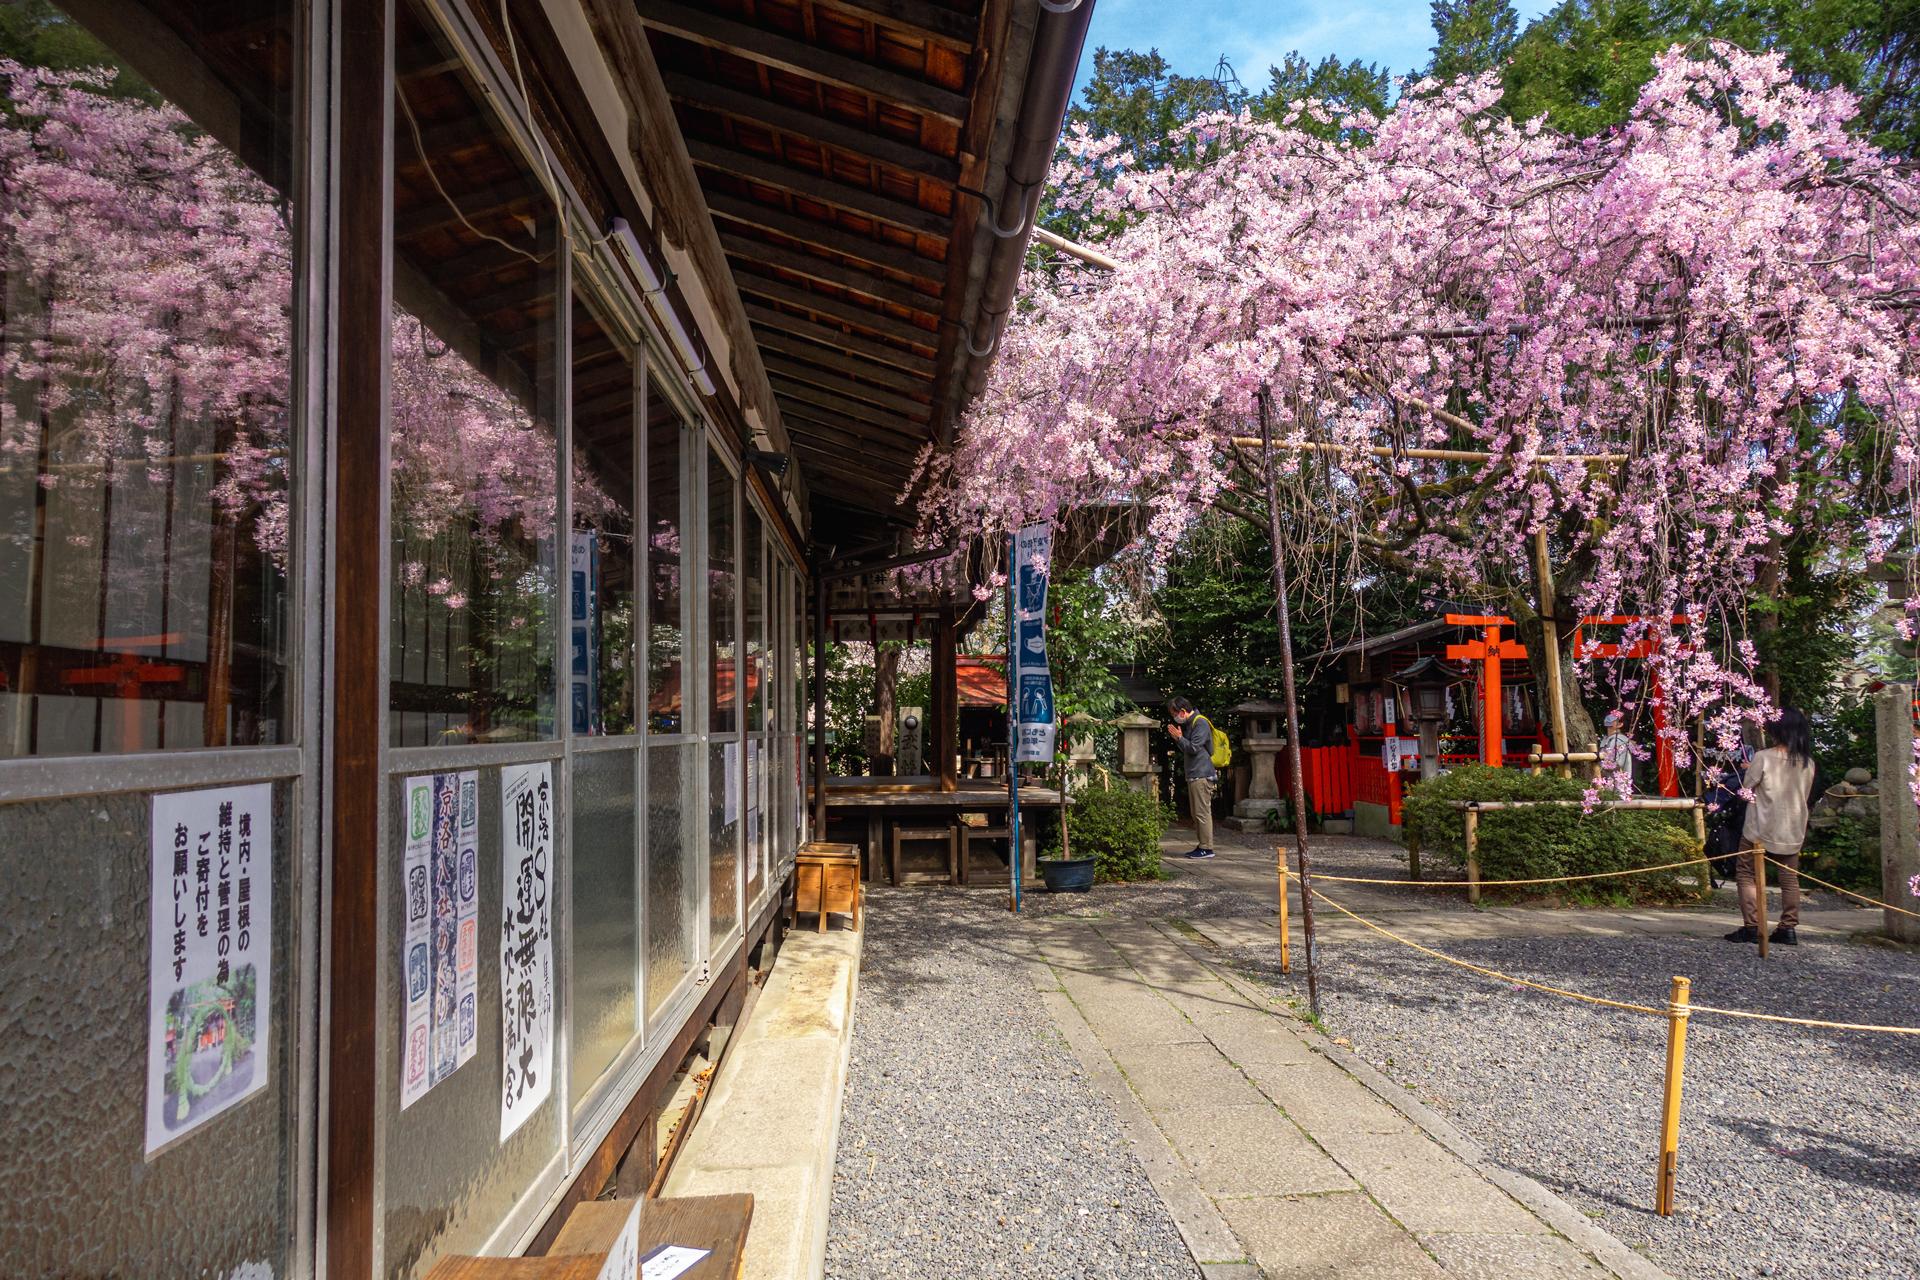 DSC05167 京都府 水火天満宮(境内に咲く紅枝垂桜が美しいおすすめの桜スポット! 写真の紹介、アクセス情報など)